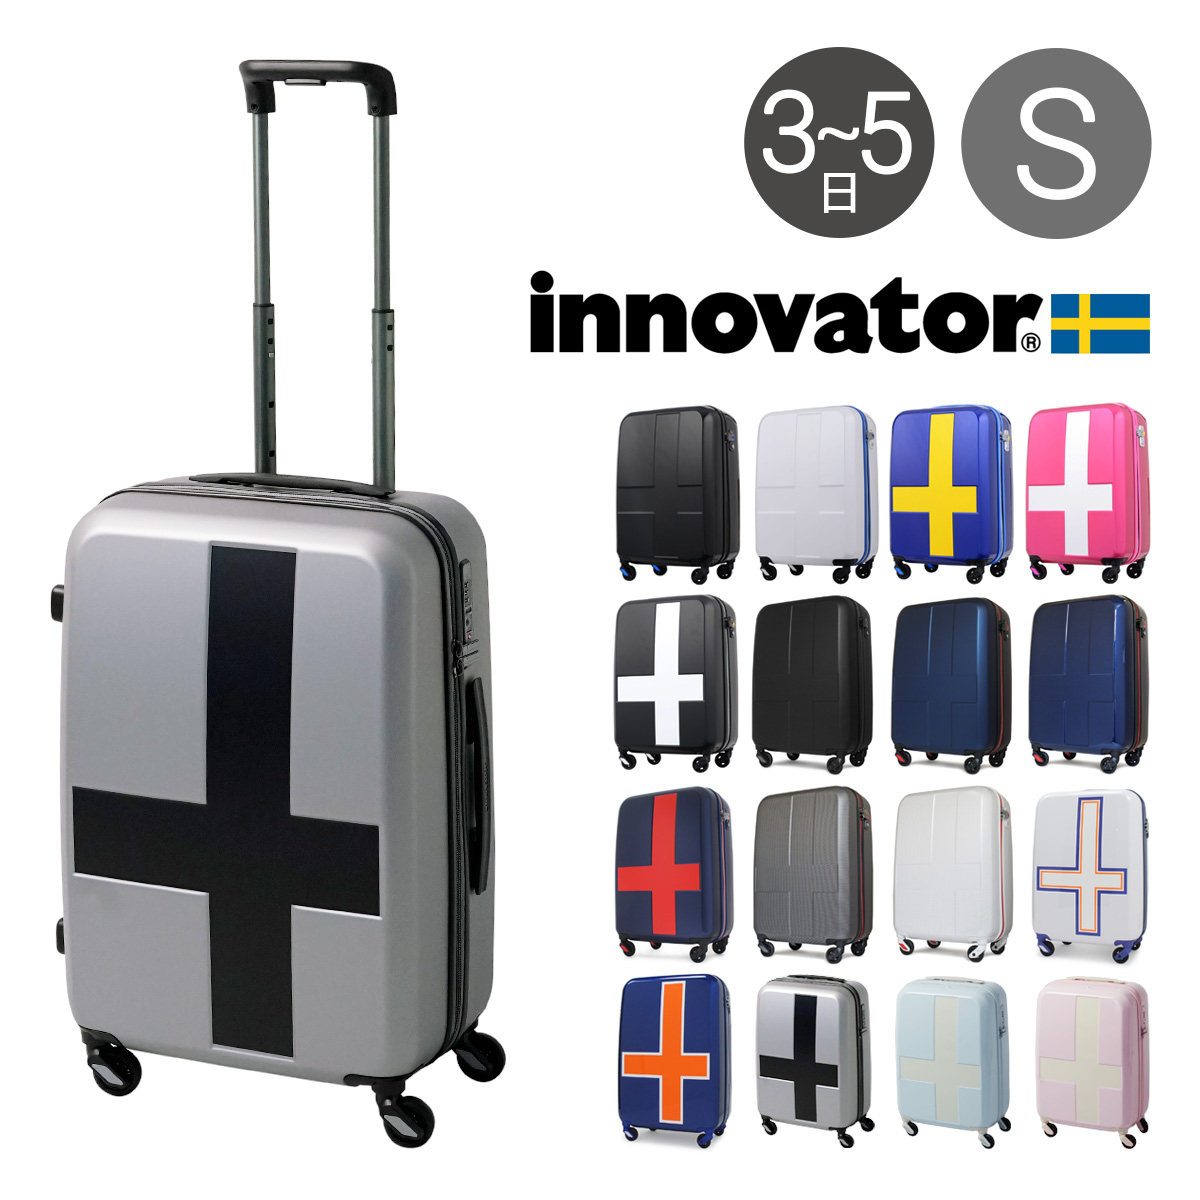 イノベーター スーツケース INV55/55T 55cm 【 innovator キャリーケース キャリーバッグ 北欧 】【 TSAロック搭載 】【 2年保証 】[PO10][bef]